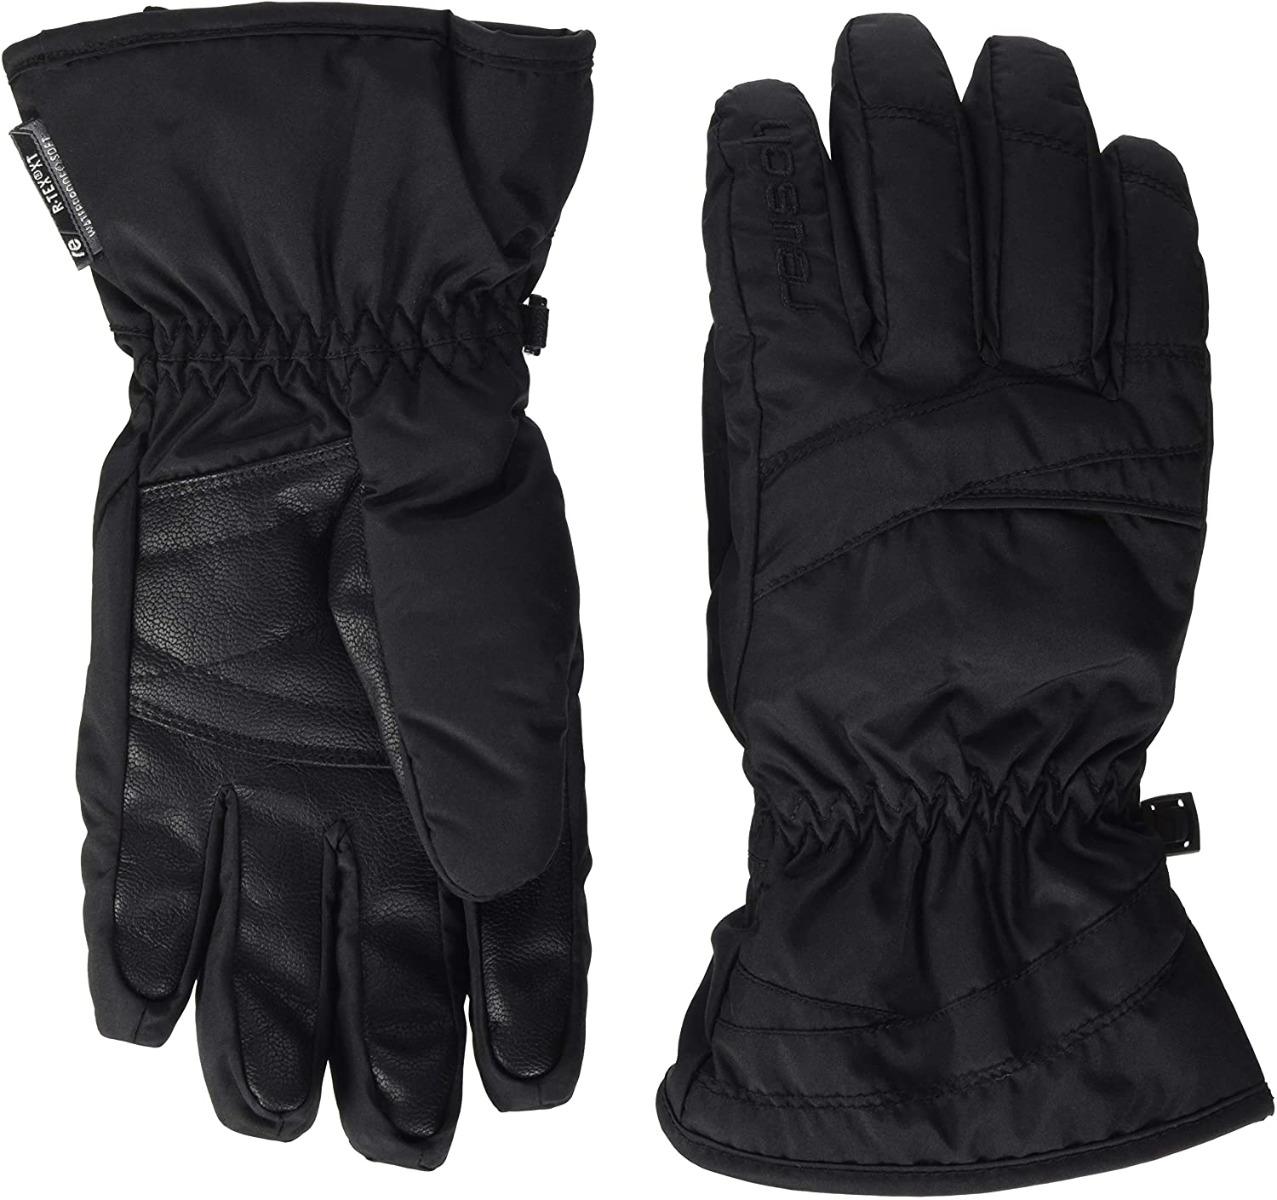 Reusch Damen Snow Queen R-tex Xt Handschuh 6090298 schwarz